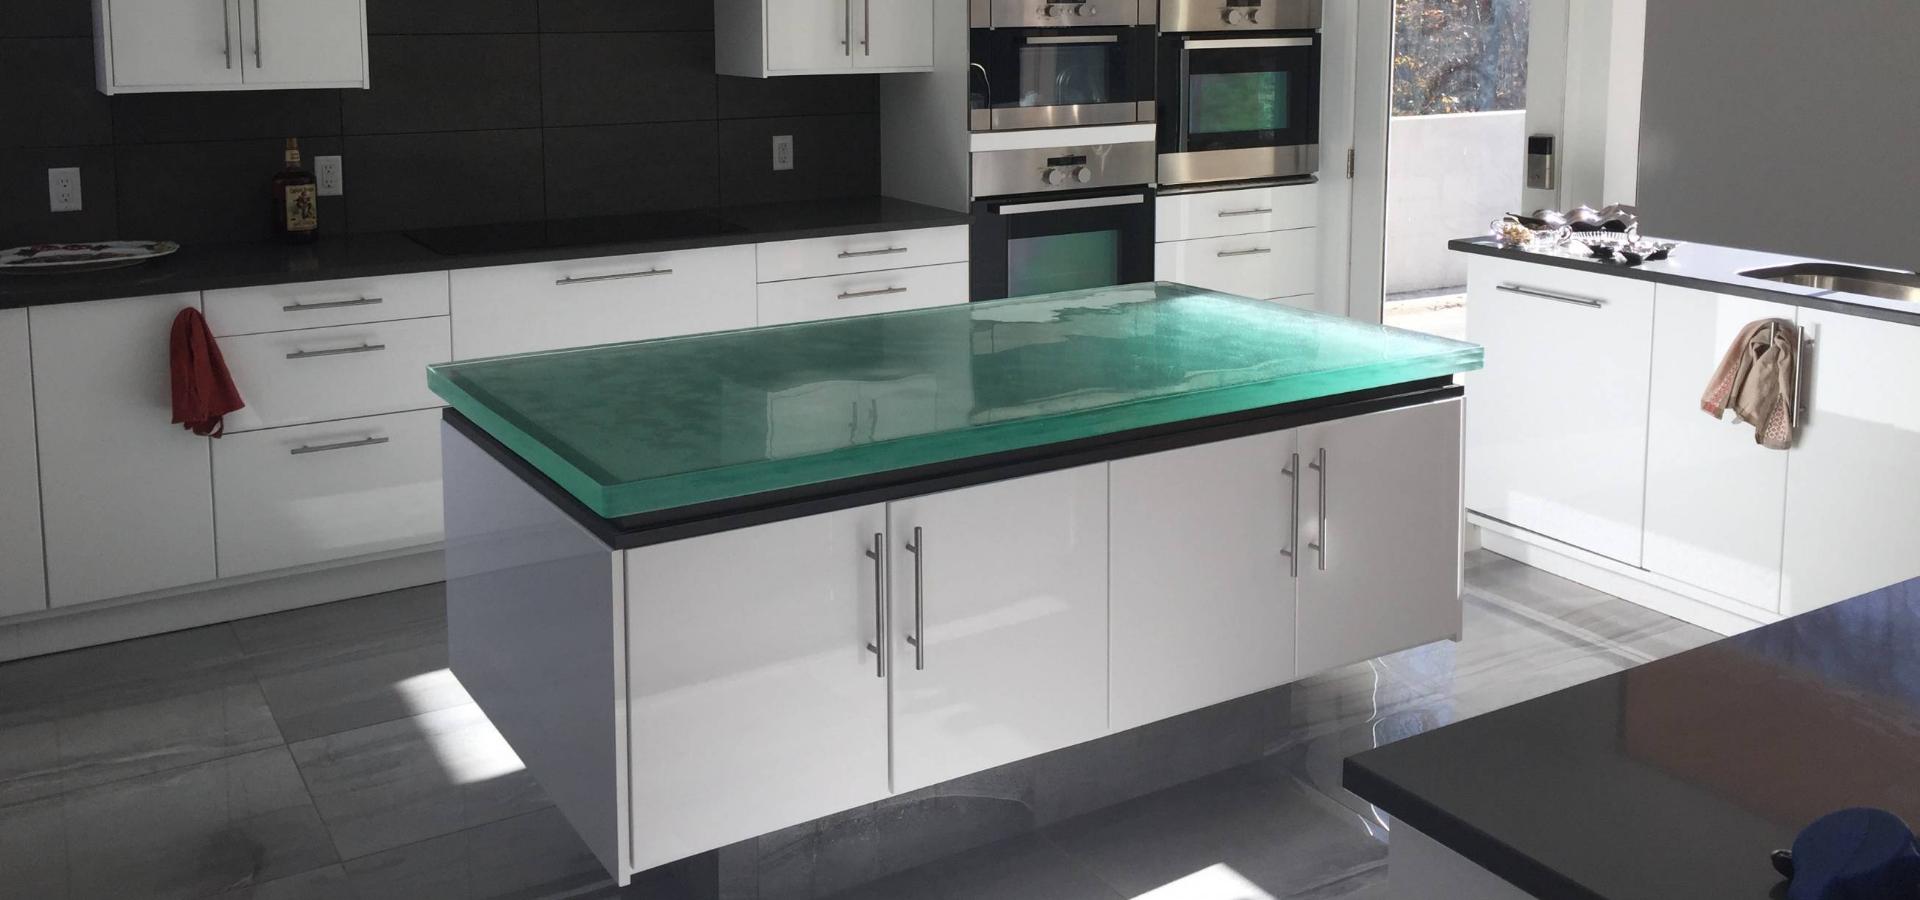 Jinrun supplies wholesale green Golden Line glass